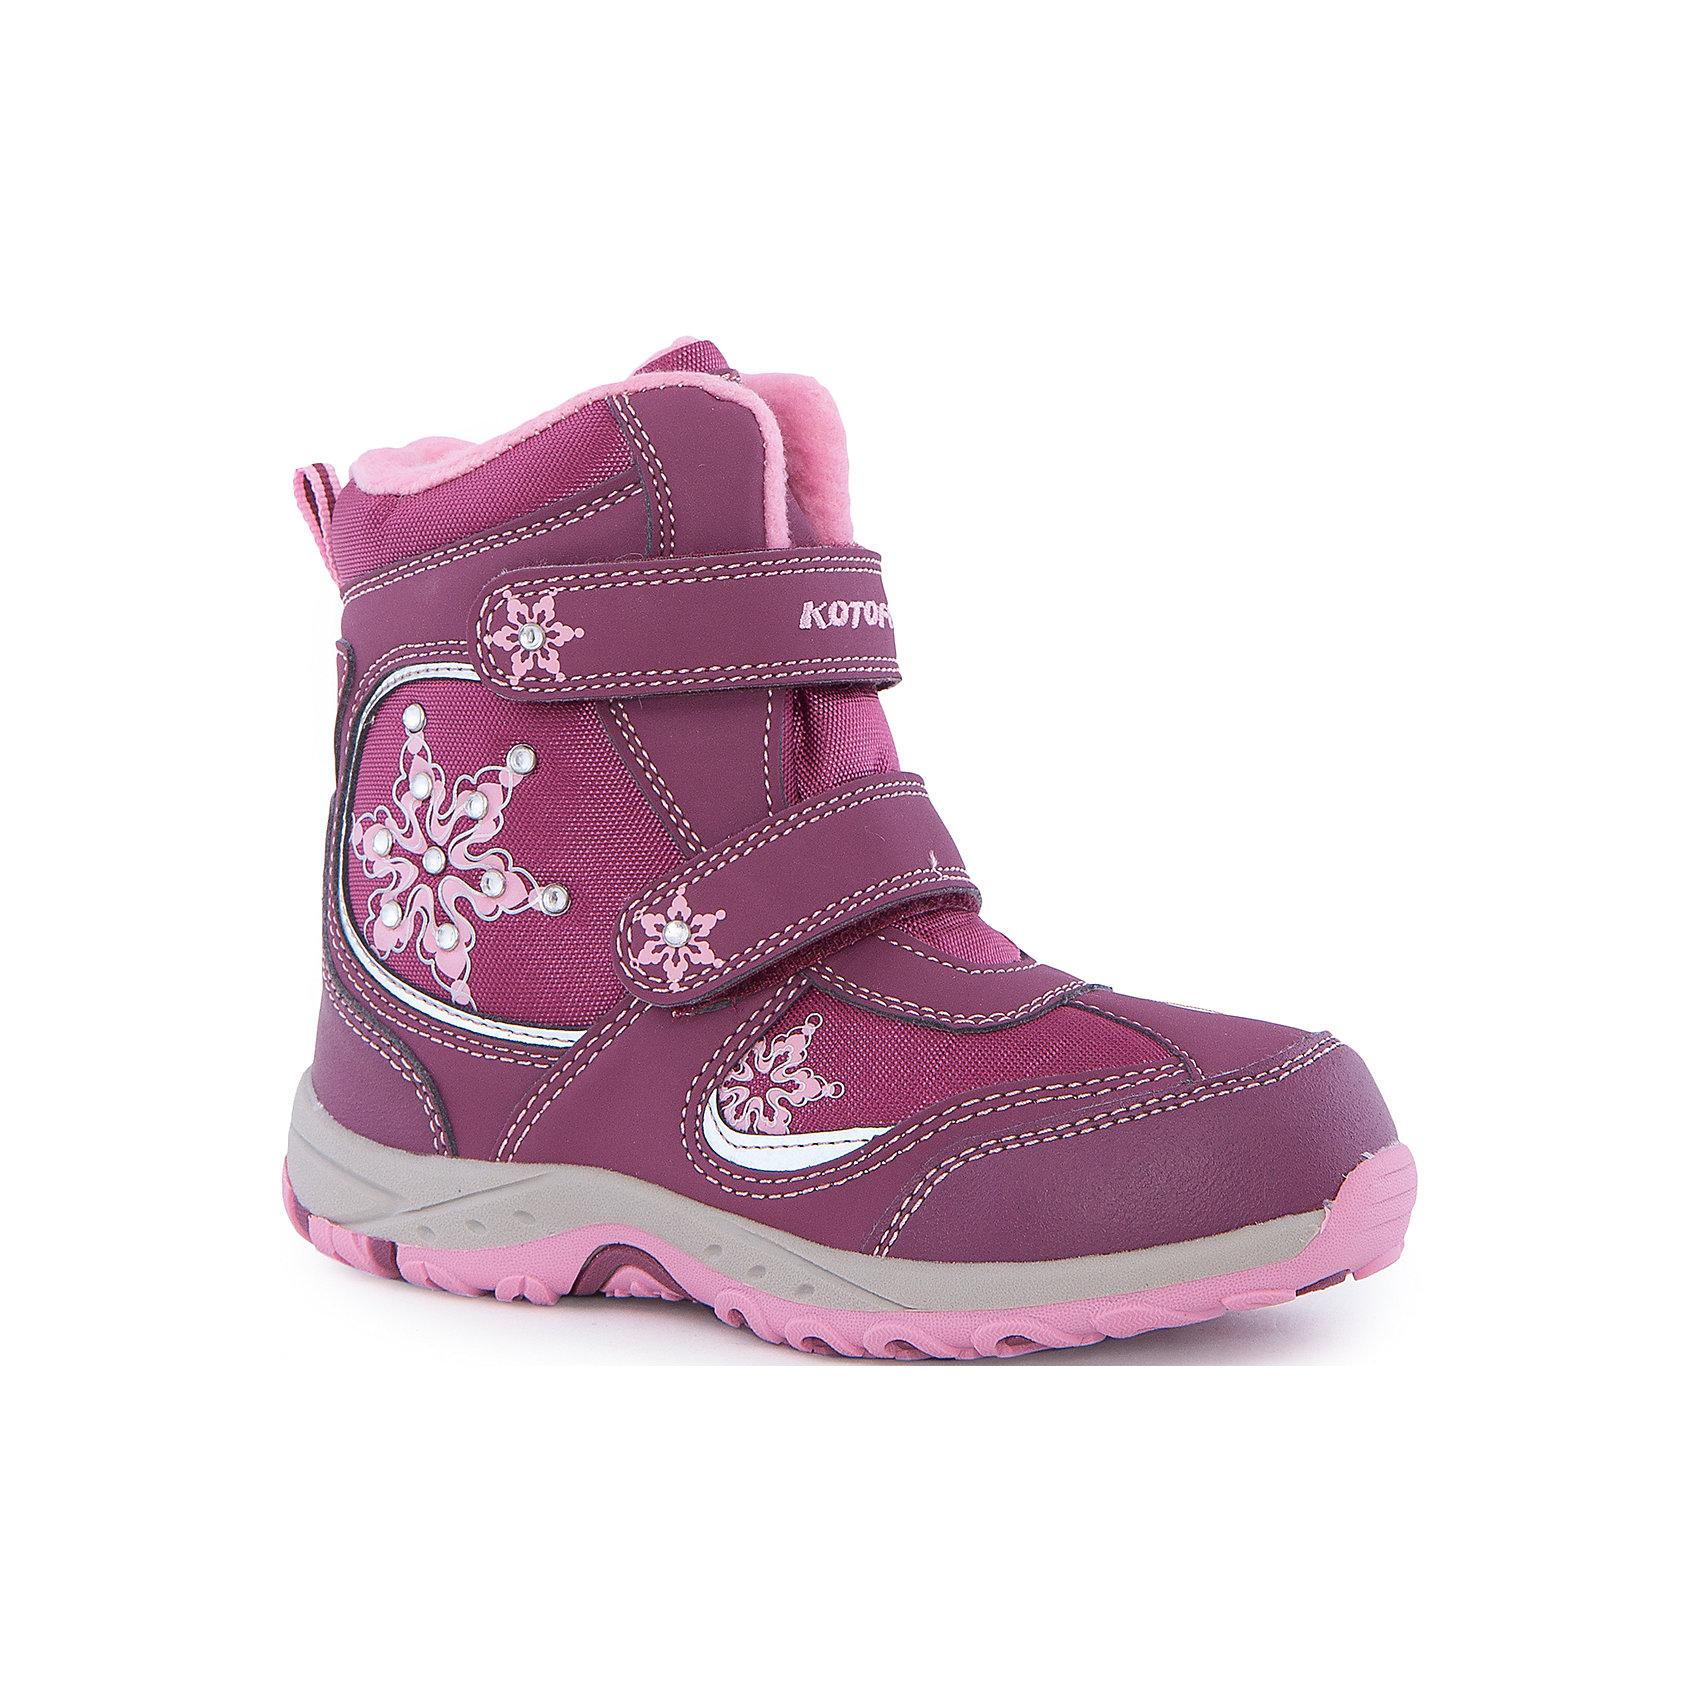 Ботинки  для девочки КотофейБотинки<br>Ботинки  для девочки Котофей.<br><br>Характеристики:<br><br>- Внешний материал: искусственная кожа, текстиль<br>- Внутренний материал: мех шерстяной<br>- Материал стельки: войлок<br>- Подошва: ТЭП<br>- Тип застежки: липучки<br>- Вид крепления обуви: клеевой<br>- Цвет: бордовый, розовый<br>- Сезон: зима<br>- Температурный режим: от +5 до -20 градусов<br>- Пол: для девочек<br><br>Зимние ботинки торговой марки Котофей, декорированные снежинками и стразами, обеспечат вашей девочки максимальный комфорт. Материал верха комбинирован из влагоотталкивающего текстиля и кожи. Подкладка - из натуральной шерсти, имеется дополнительная стелька из войлока, поэтому ножке в такой обуви тепло и уютно. Между материалами верха и подклада вшит специальный мембранный материал, отталкивающий влагу, но позволяющий ногам дышать. Язычок ботинка вшит по бокам практически до самого верха, тем самым предотвращая попадание снега и воды внутрь. Гибкая, широкая, двухцветная подошва с рельефным протектором обеспечит превосходное сцепление с поверхностью, не скользит. Она выполнена из термоэластопласта (ТЭП) – пластичного материала, отлично амортизирующего при шаге и не теряющего своих свойств при понижении температур. Два ремня с липучками позволяют не только быстро обувать и снимать ботинки, но и обеспечивают плотное прилегание обуви к стопе. Детская обувь «Котофей» качественна, красива, добротна, комфортна и долговечна. Она производится на Егорьевской обувной фабрике. Жесткий контроль производства и постоянное совершенствование технологий при многолетнем опыте позволяют считать компанию одним из лидеров среди отечественных производителей детской обуви.<br><br>Ботинки  для девочки Котофей можно купить в нашем интернет-магазине.<br><br>Ширина мм: 262<br>Глубина мм: 176<br>Высота мм: 97<br>Вес г: 427<br>Цвет: разноцветный<br>Возраст от месяцев: 132<br>Возраст до месяцев: 144<br>Пол: Женский<br>Возраст: Детский<br>Размер: 35,37,31,32,36,33,34<br>SKU: 5087288